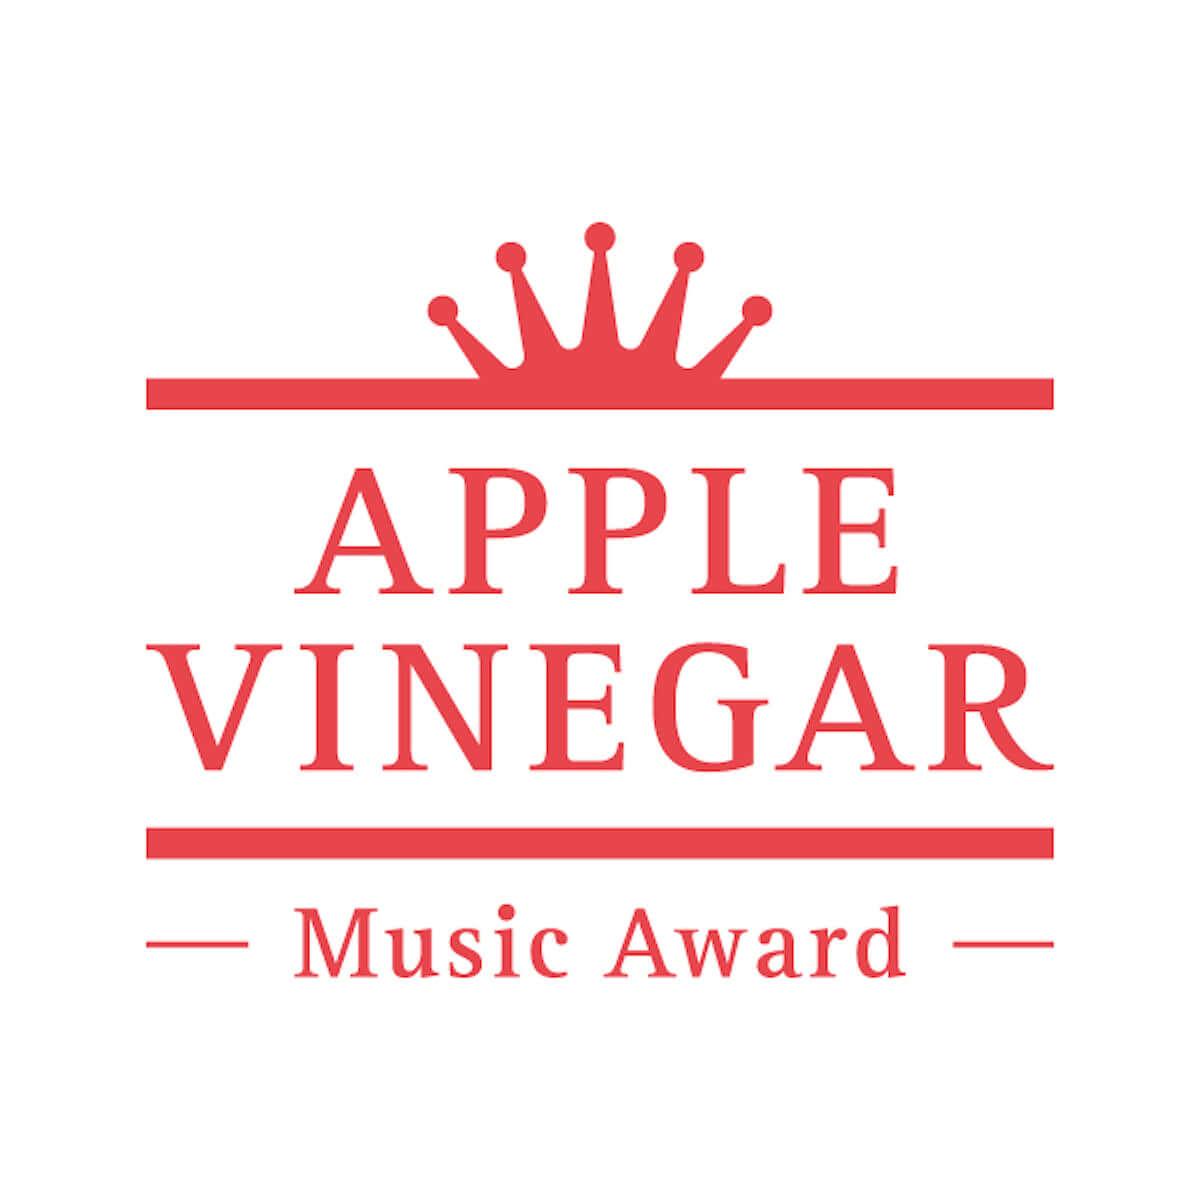 アジカン後藤正文が設立「APPLE VINEGAR -Music Award-」2019年のノミネート12作品が発表! music190208-applevinegarmusicaward-1-1200x1200